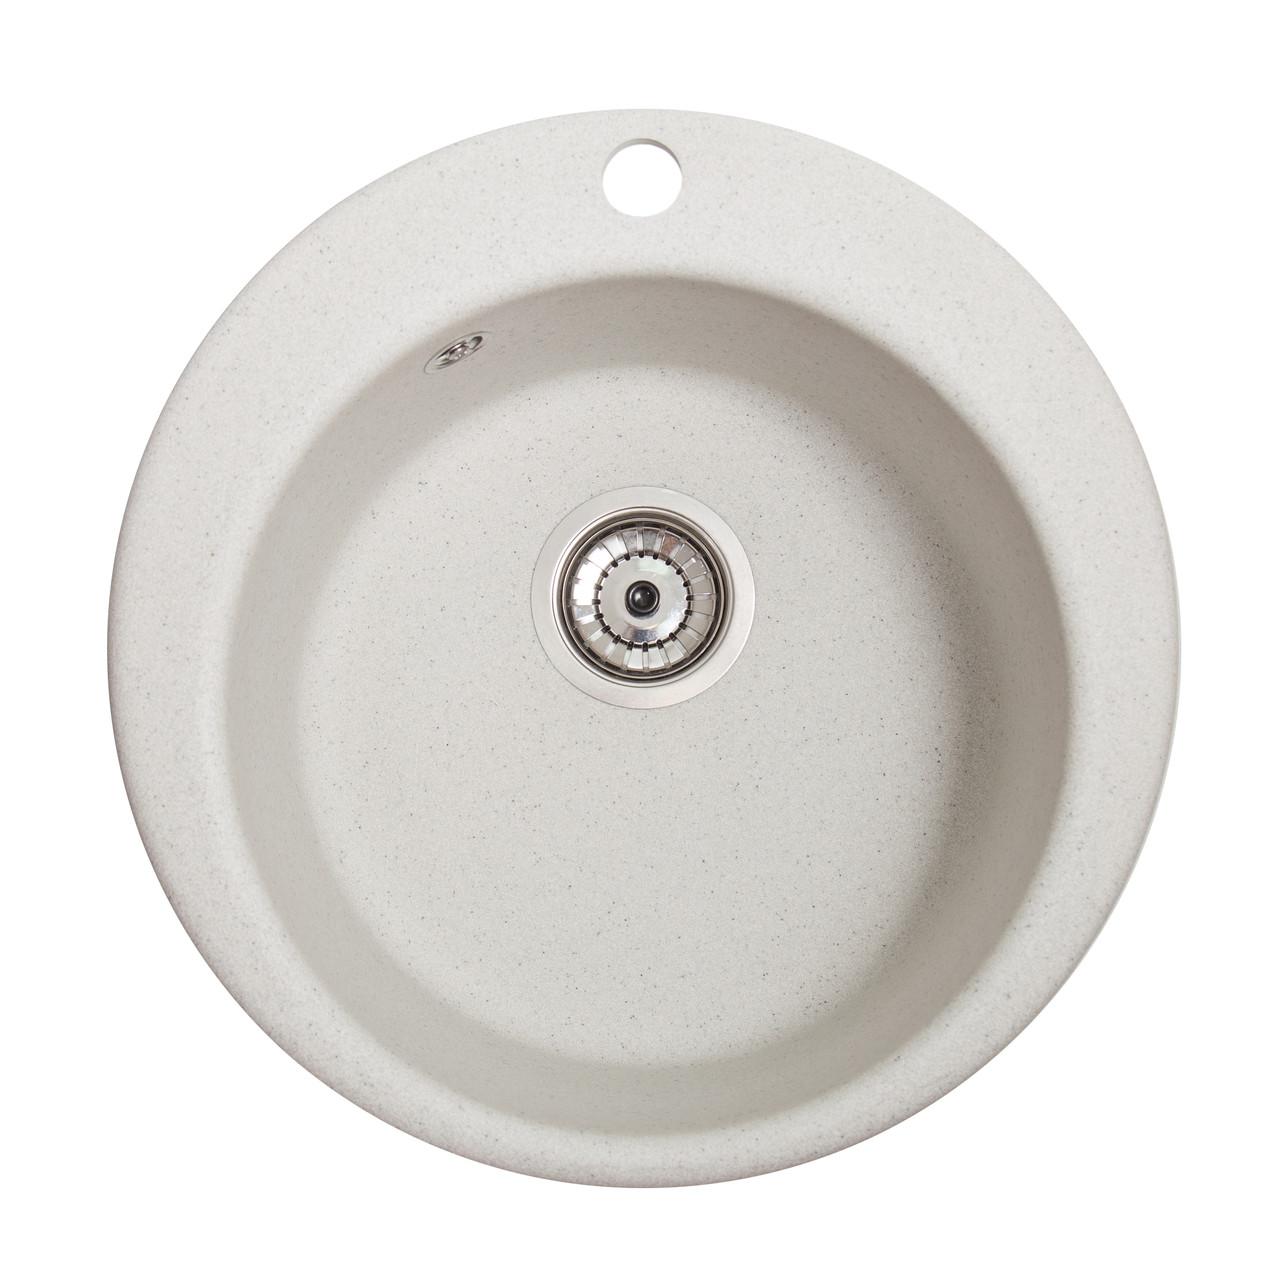 Гранитная мойка Galaţi Eva Biela (101) 47 см белая круглая